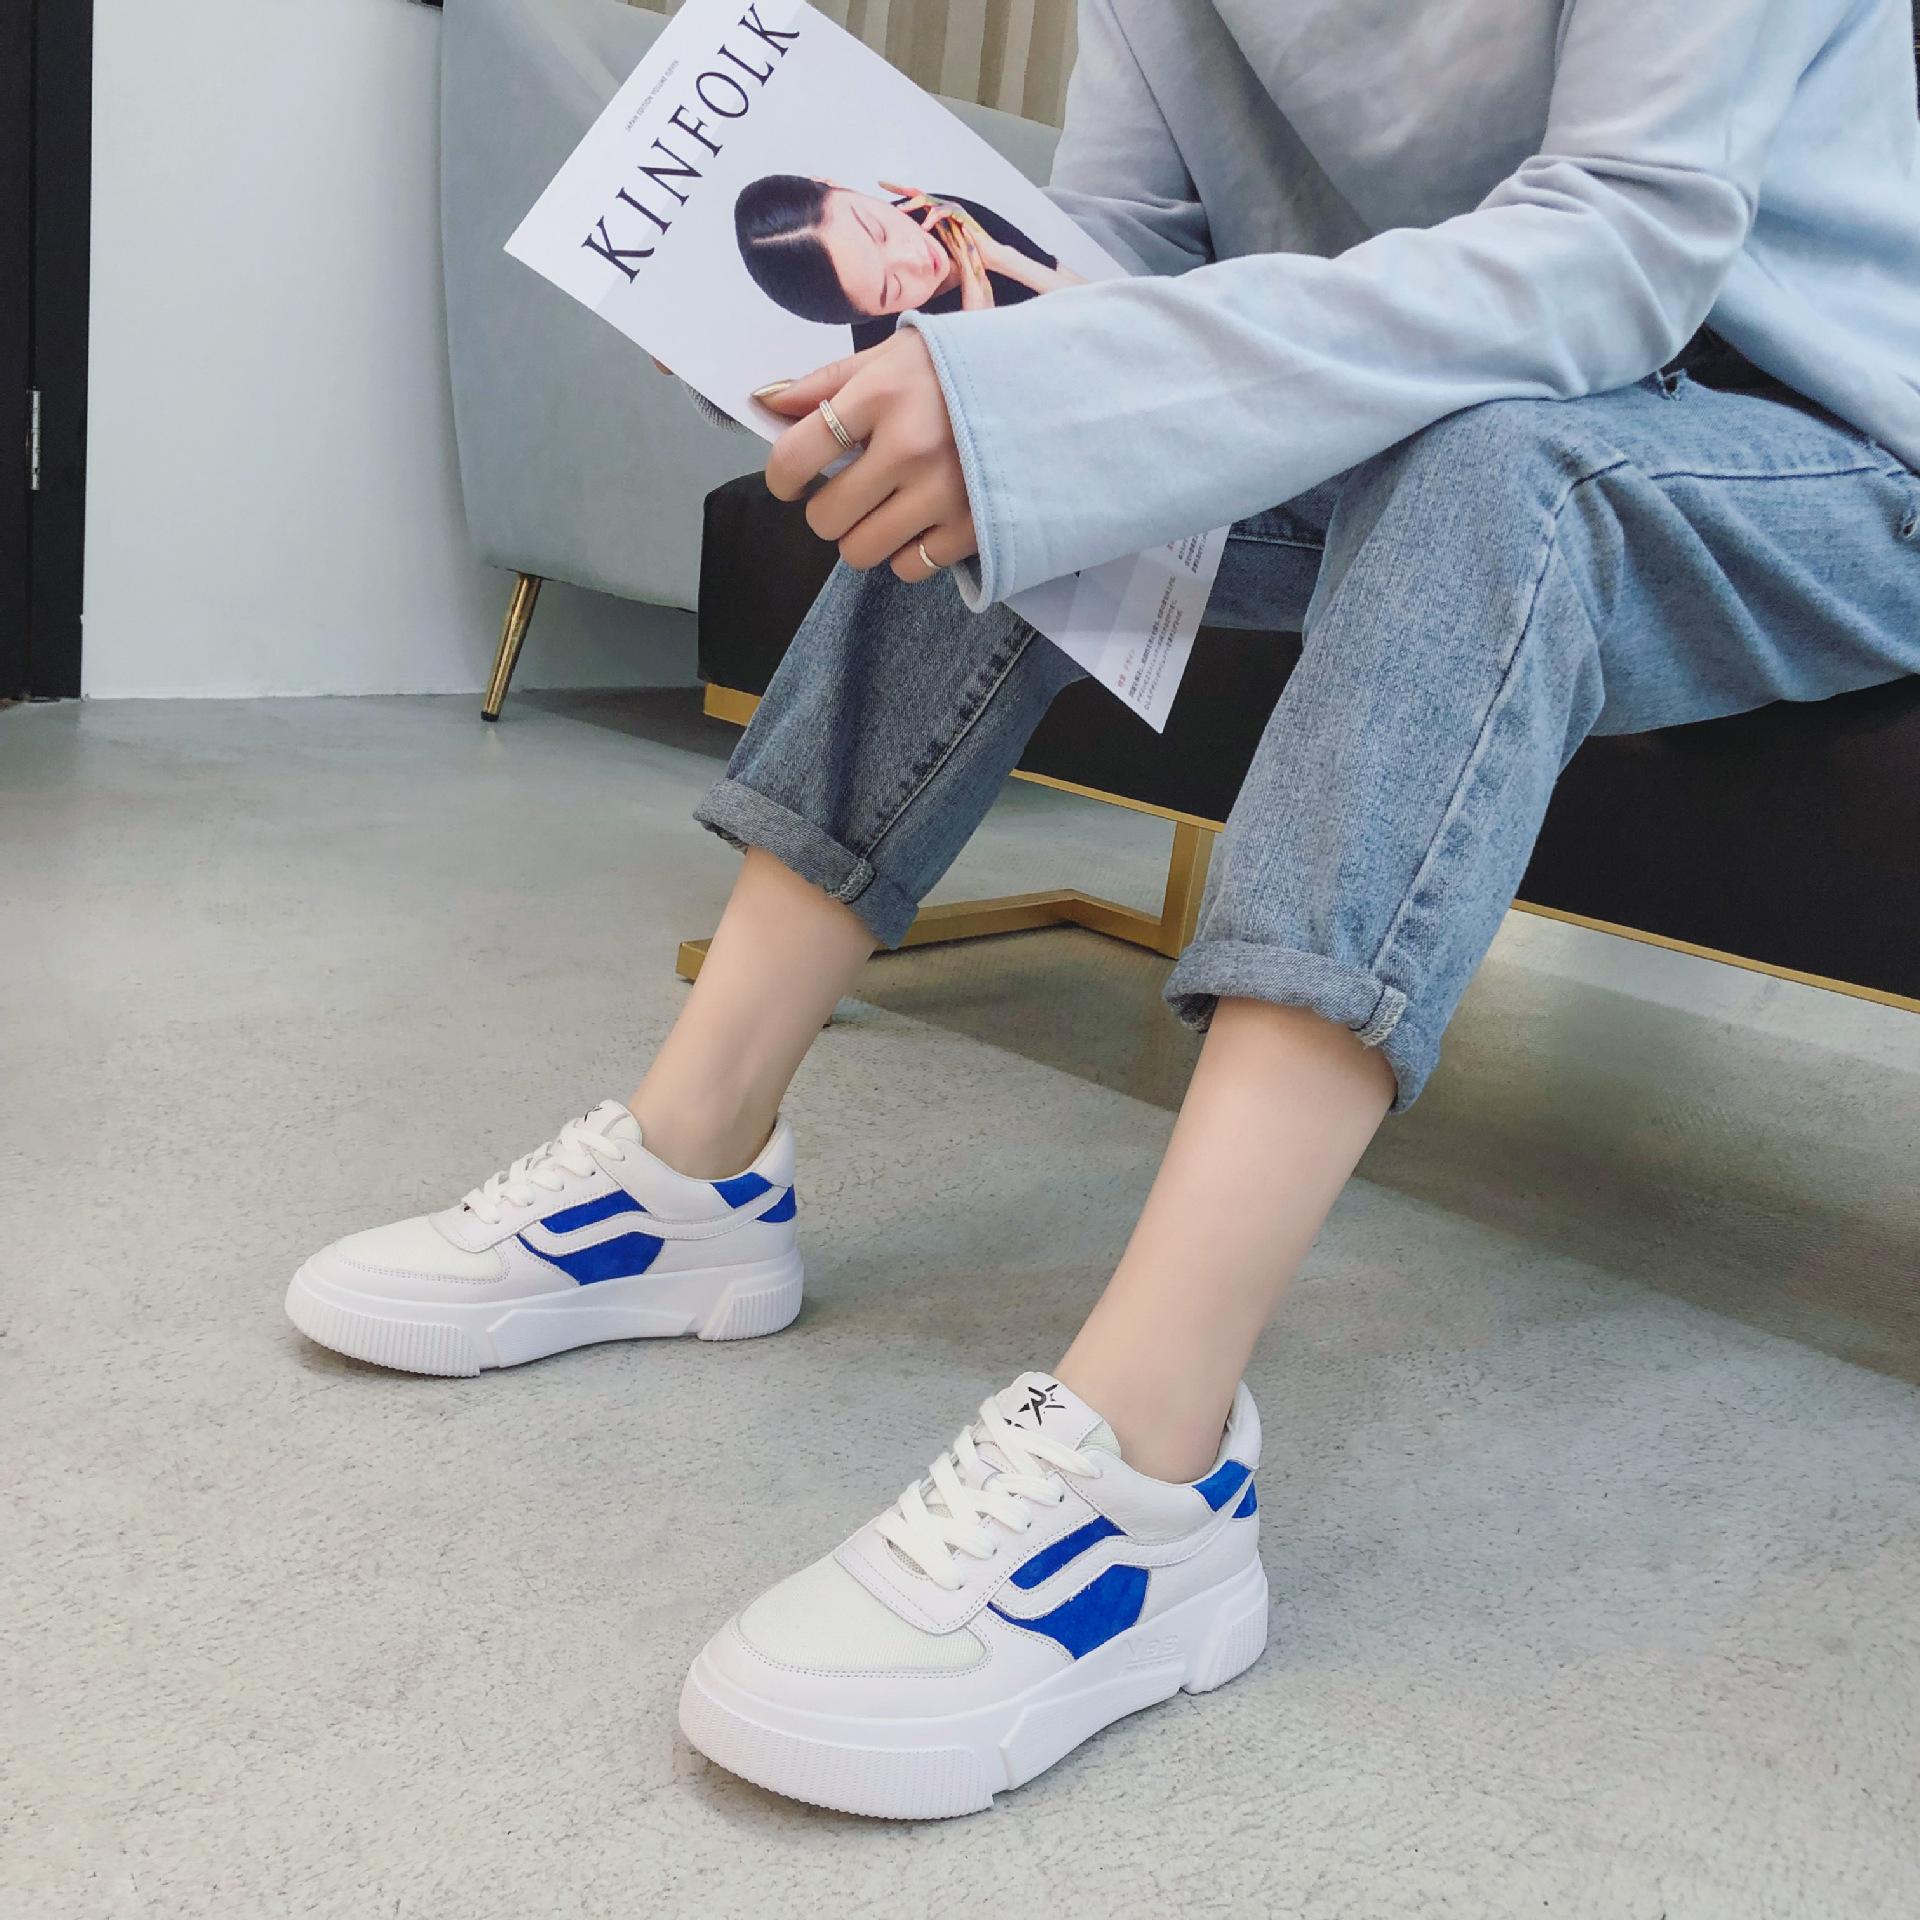 LUMANNI Giày trắng nữ Giày trắng Lumani nữ mùa xuân phiên bản Hàn Quốc của giày thể thao hoang dã đế